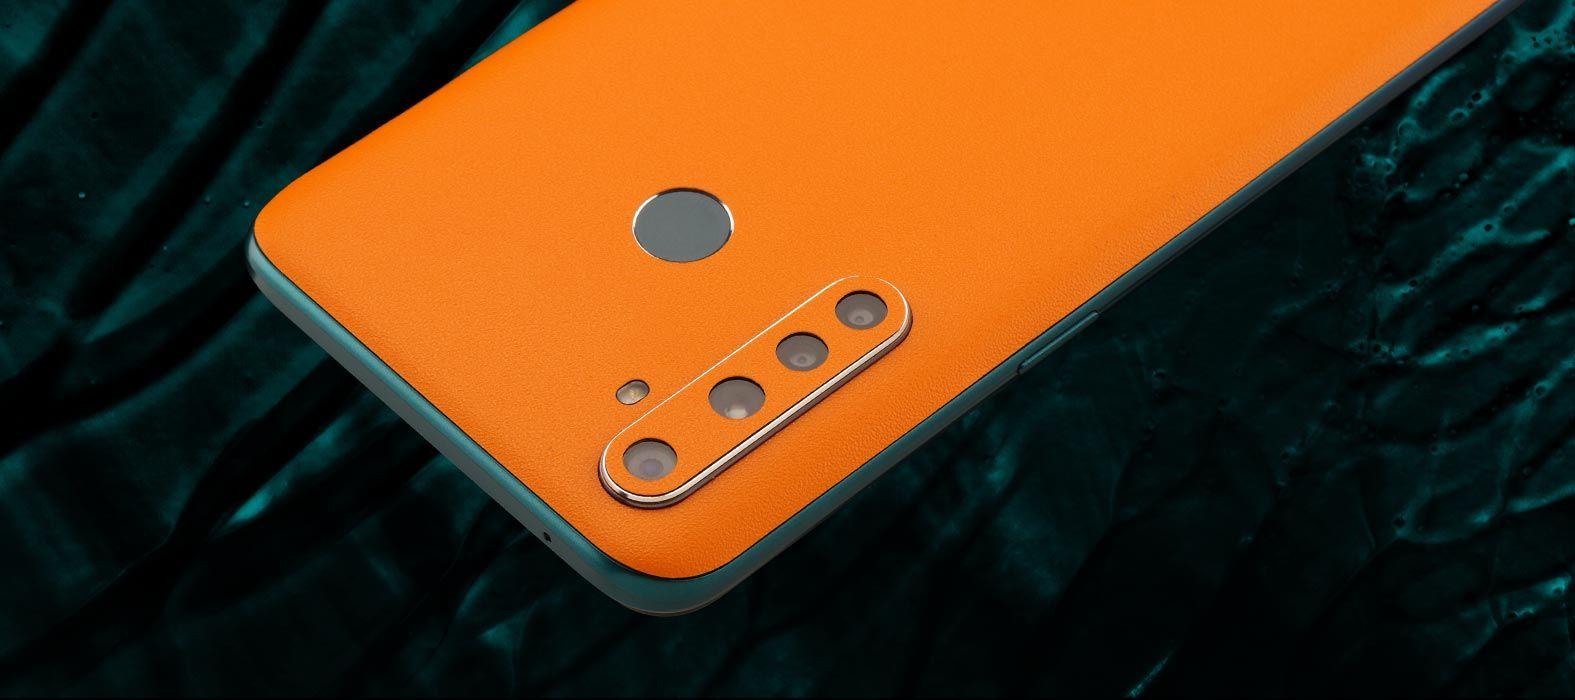 Realme 5 Pro Sandstone orange skins